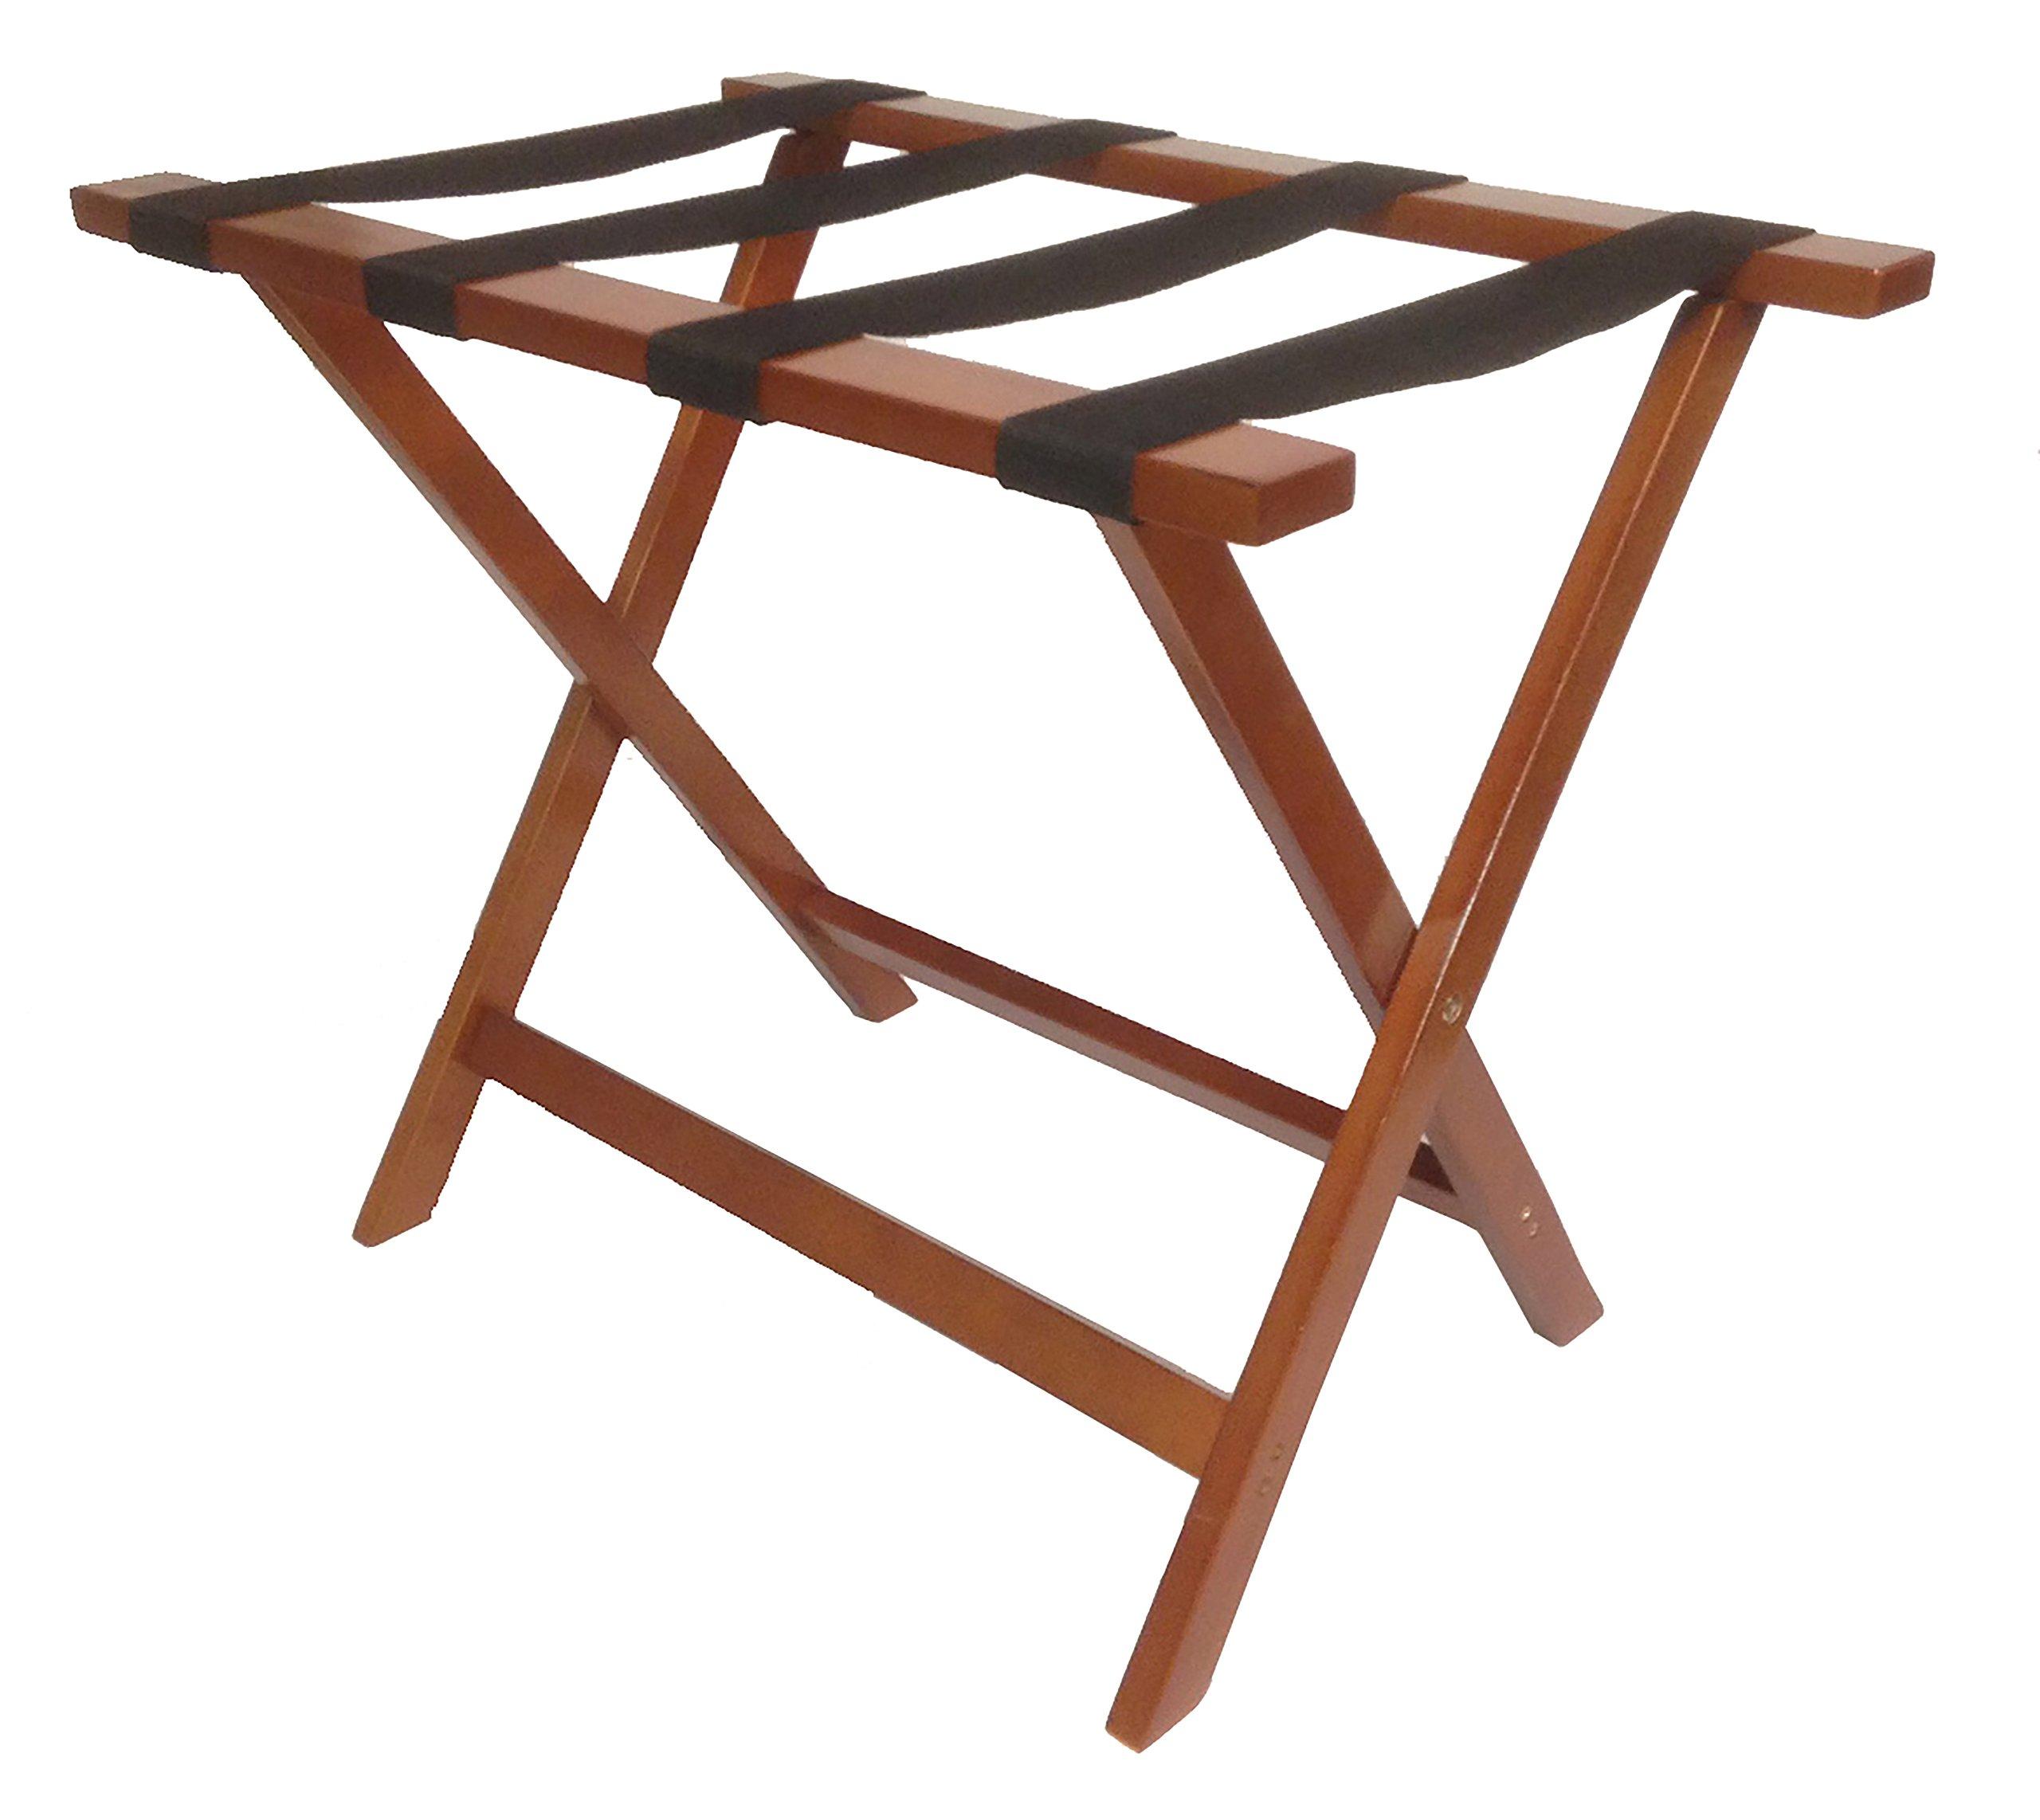 Wholesale Hotel Products Wooden Luggage Rack, Mahogany Finish